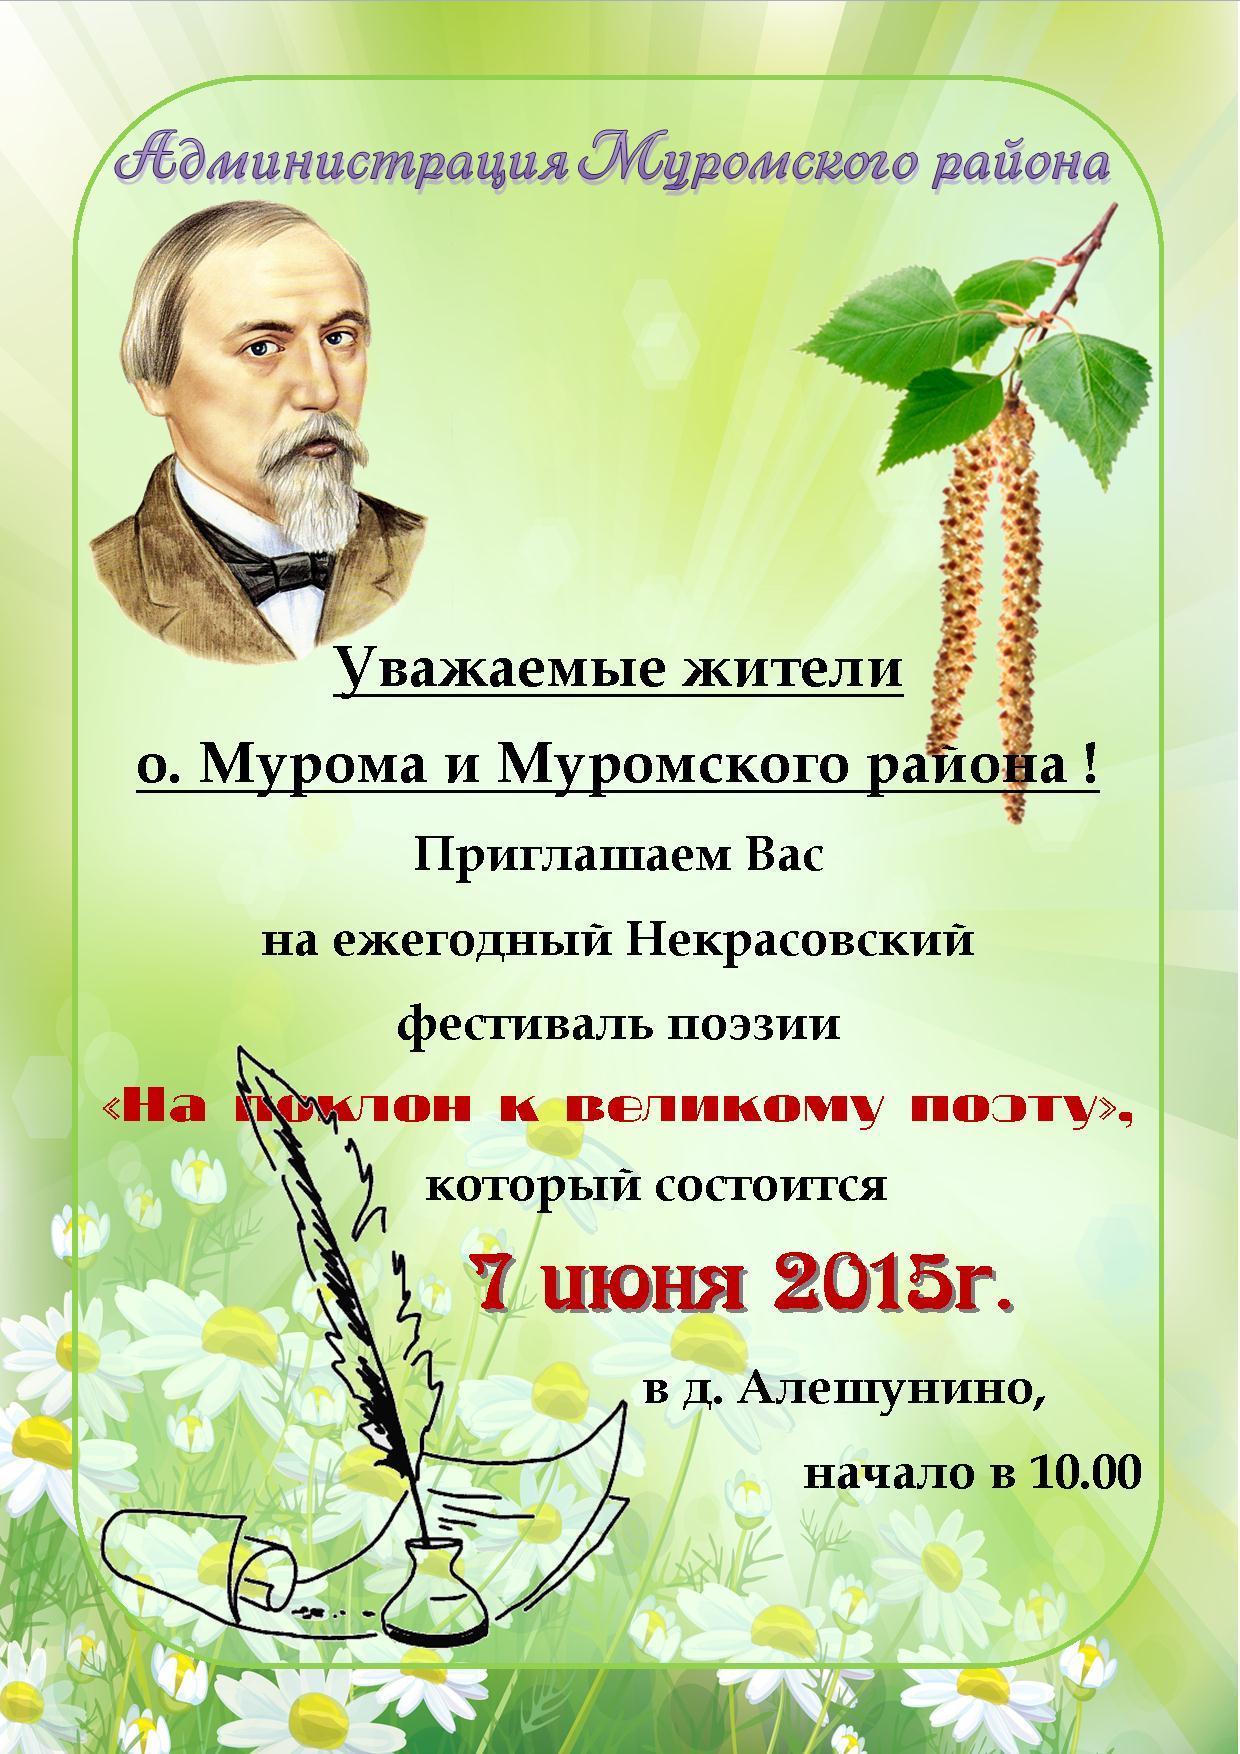 приглашение-афиша 2